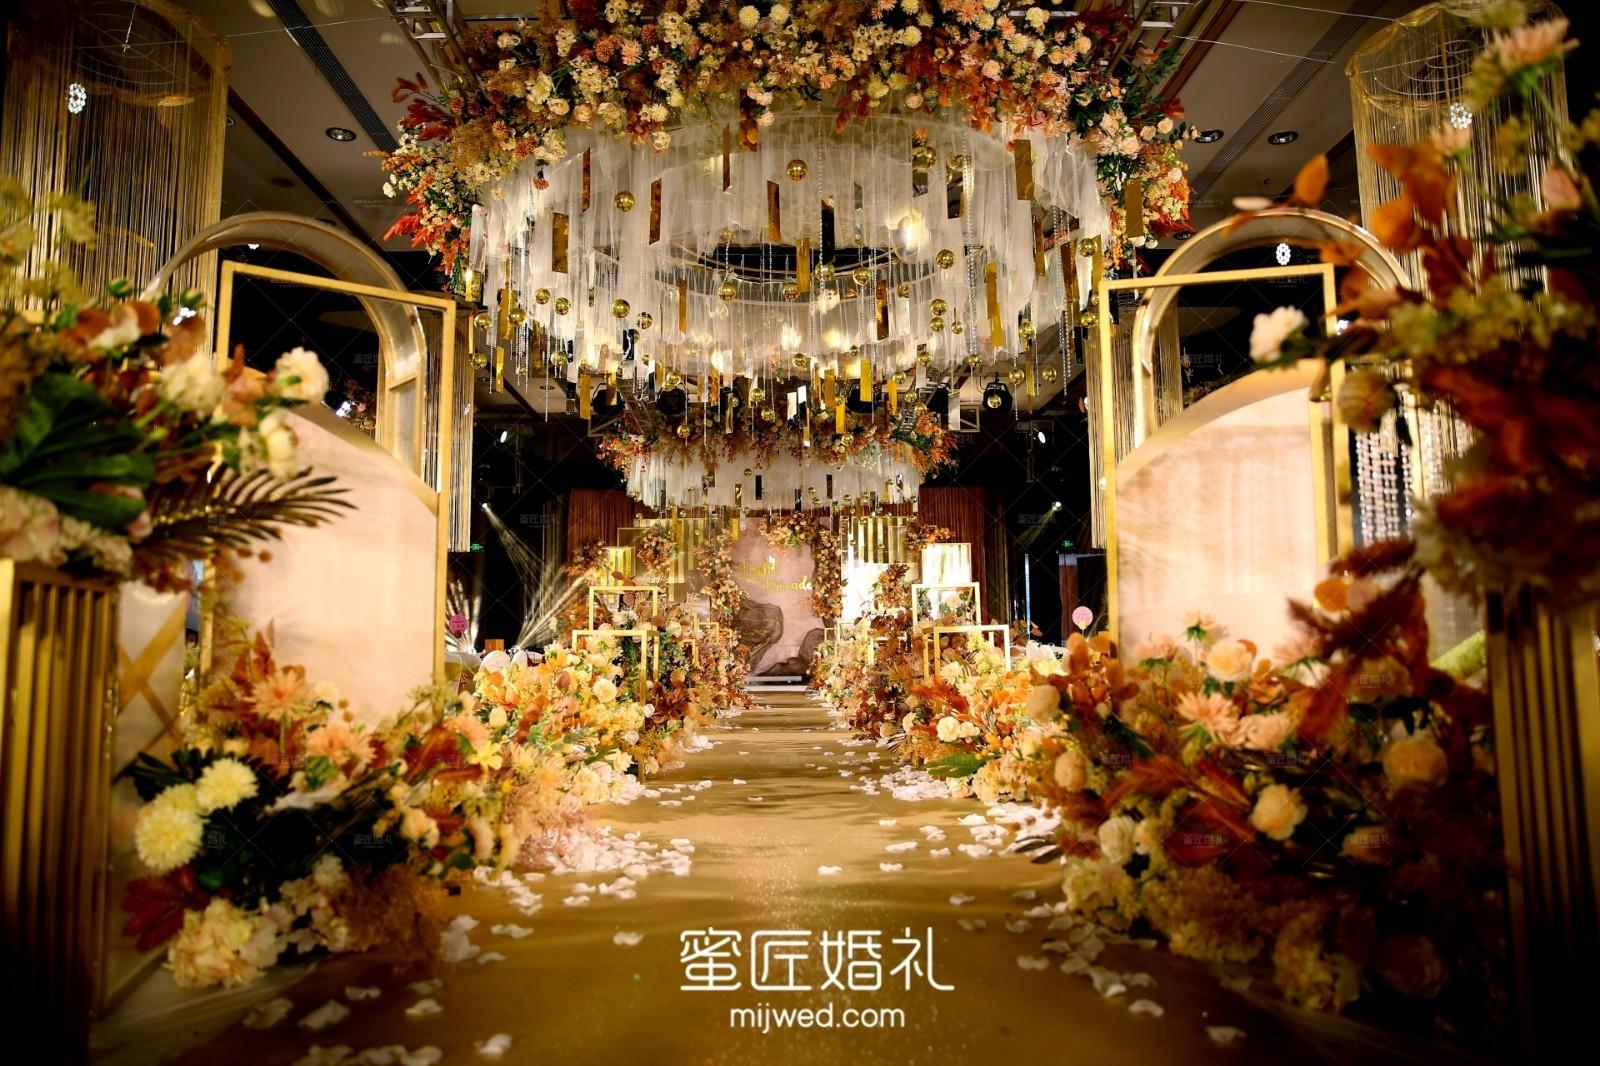 婚礼签到台是否有必要